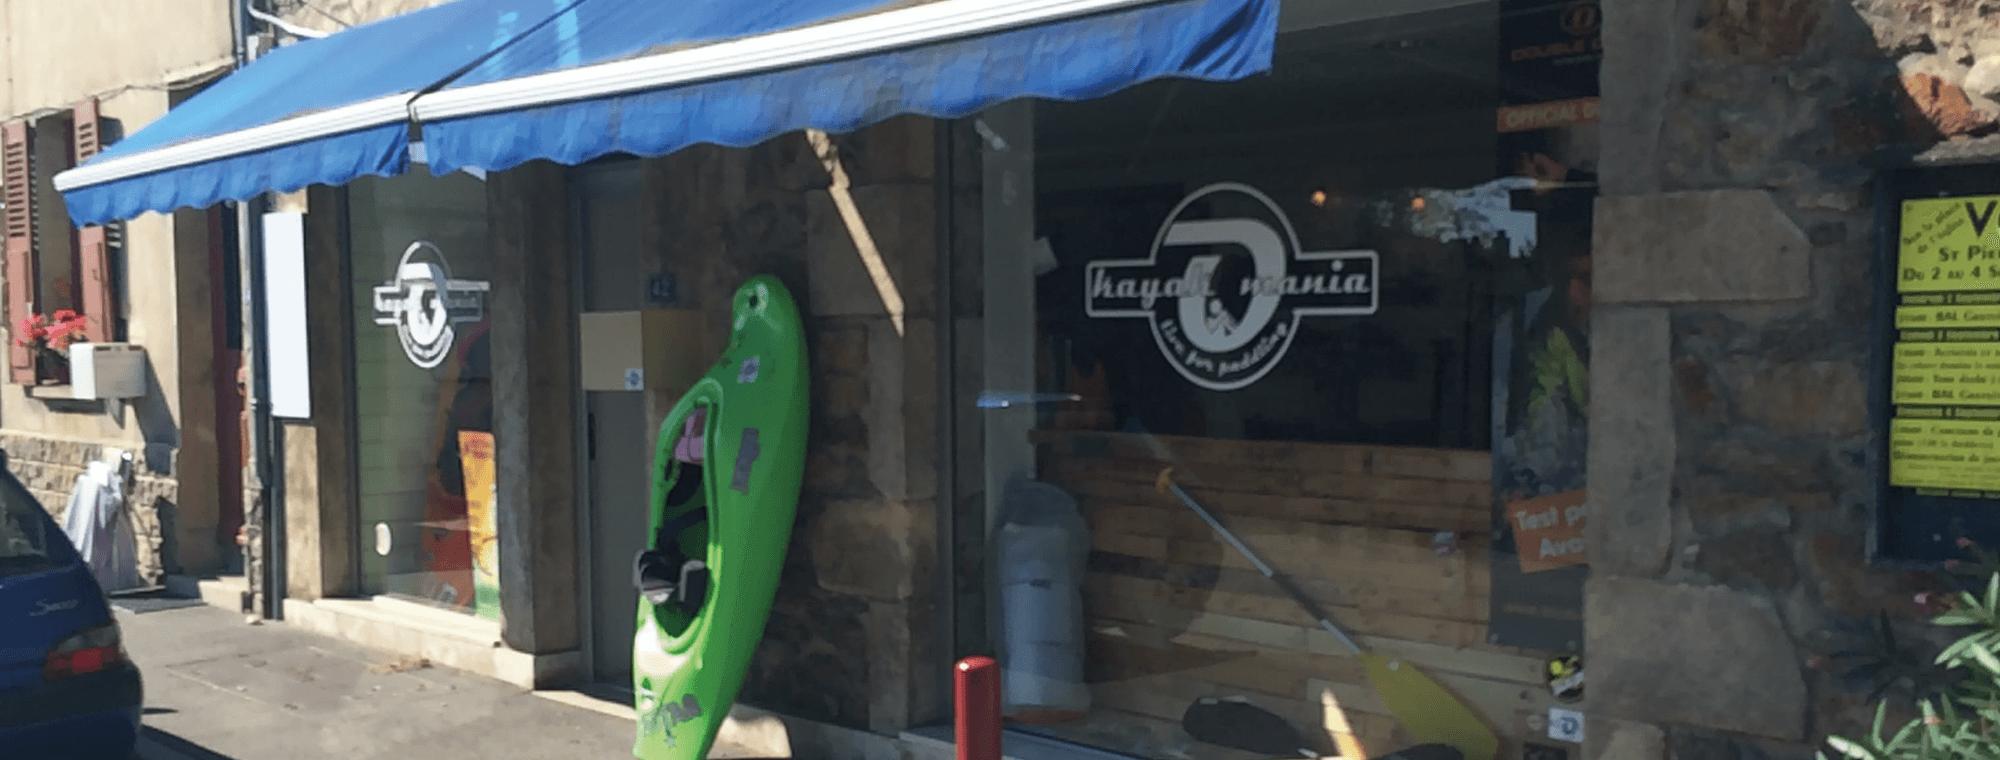 Kayakomania, kayak, canoë, raft, pour particuliers et professionnels.